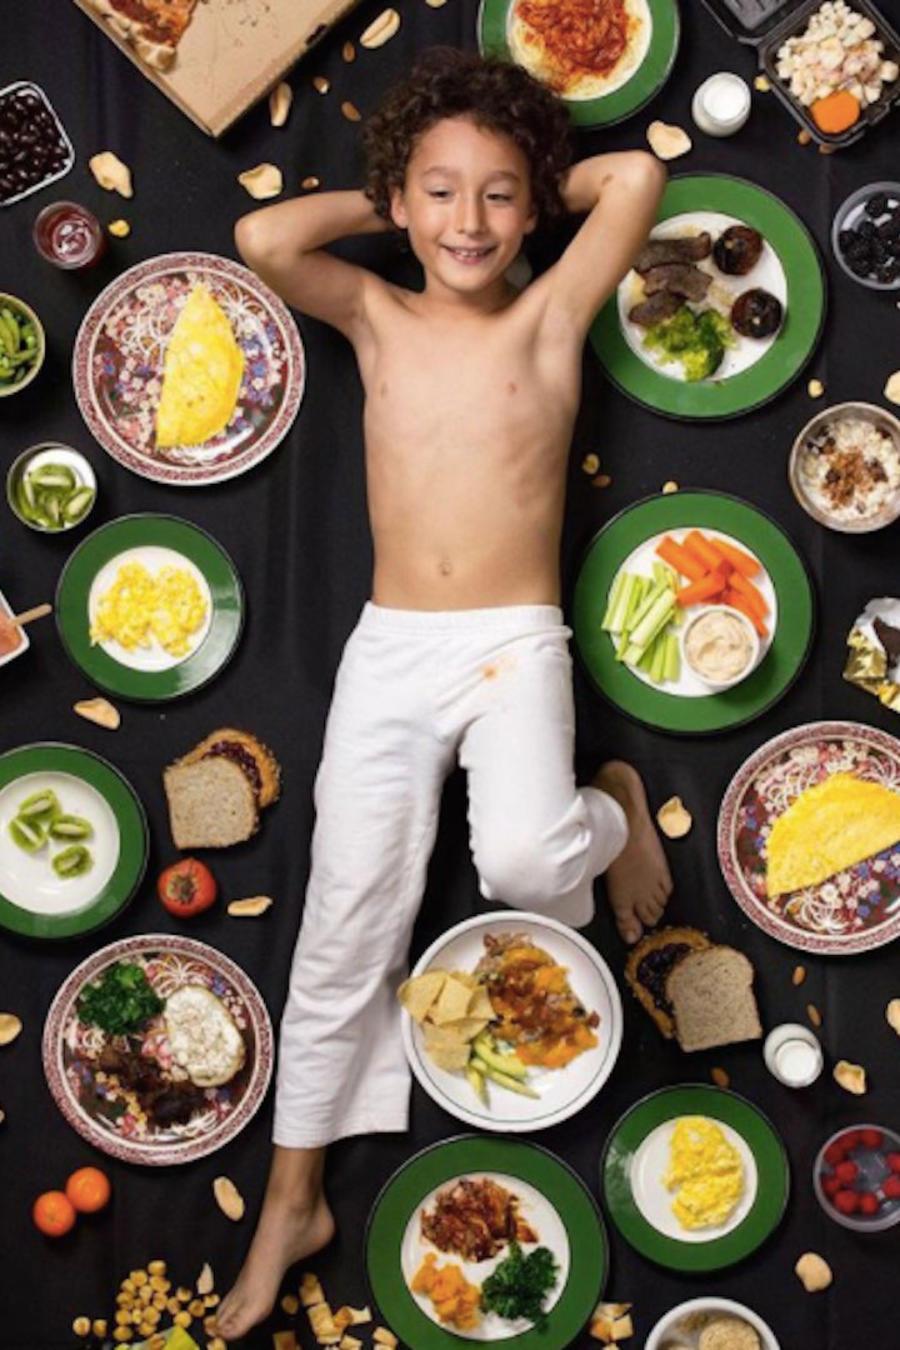 Niño acostado con comida alrededor